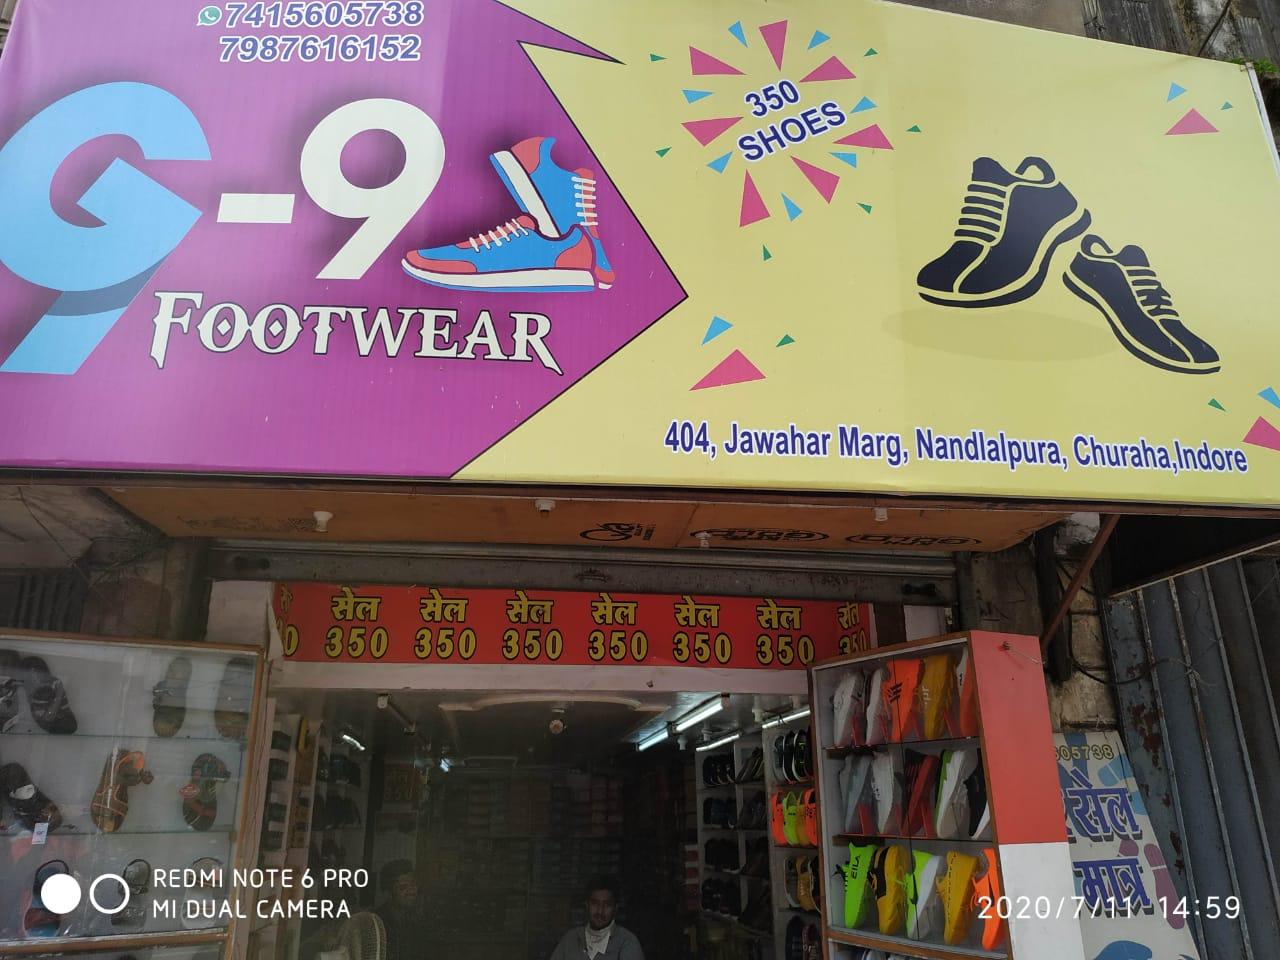 G-9 foot wear